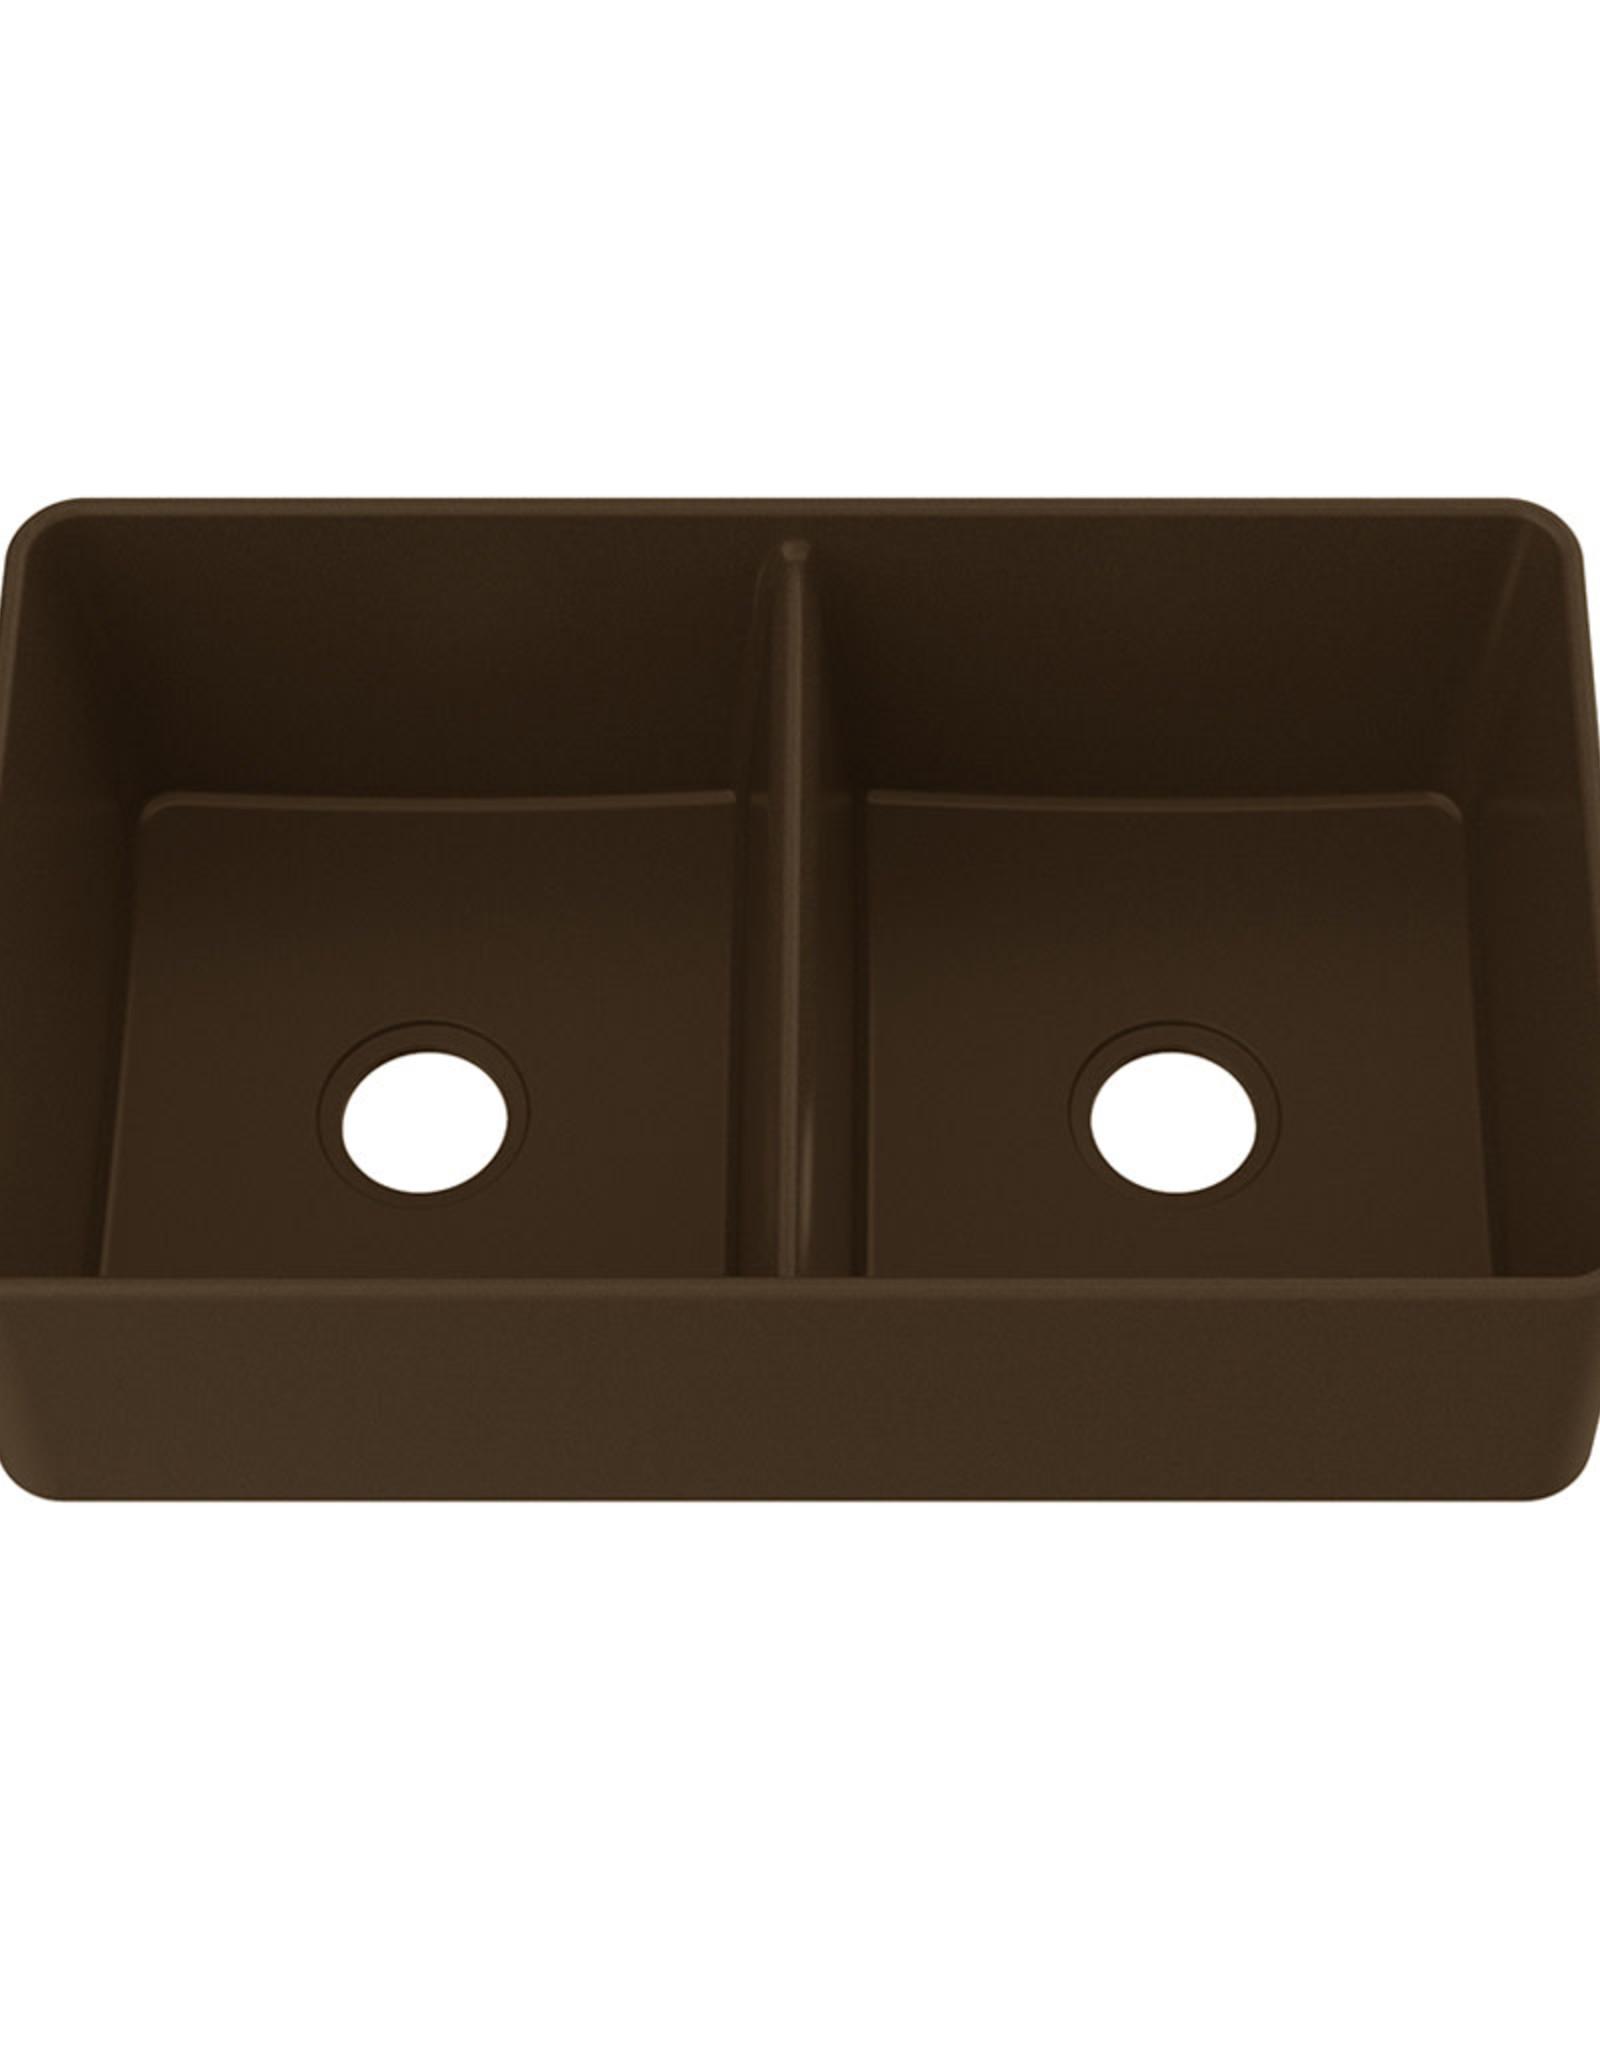 """Vogt Vogt Kaltenbach GS Vogranite Apron Front Kitchen Sink Double Bowl (50/50) 33"""" x 19"""" x 9"""""""